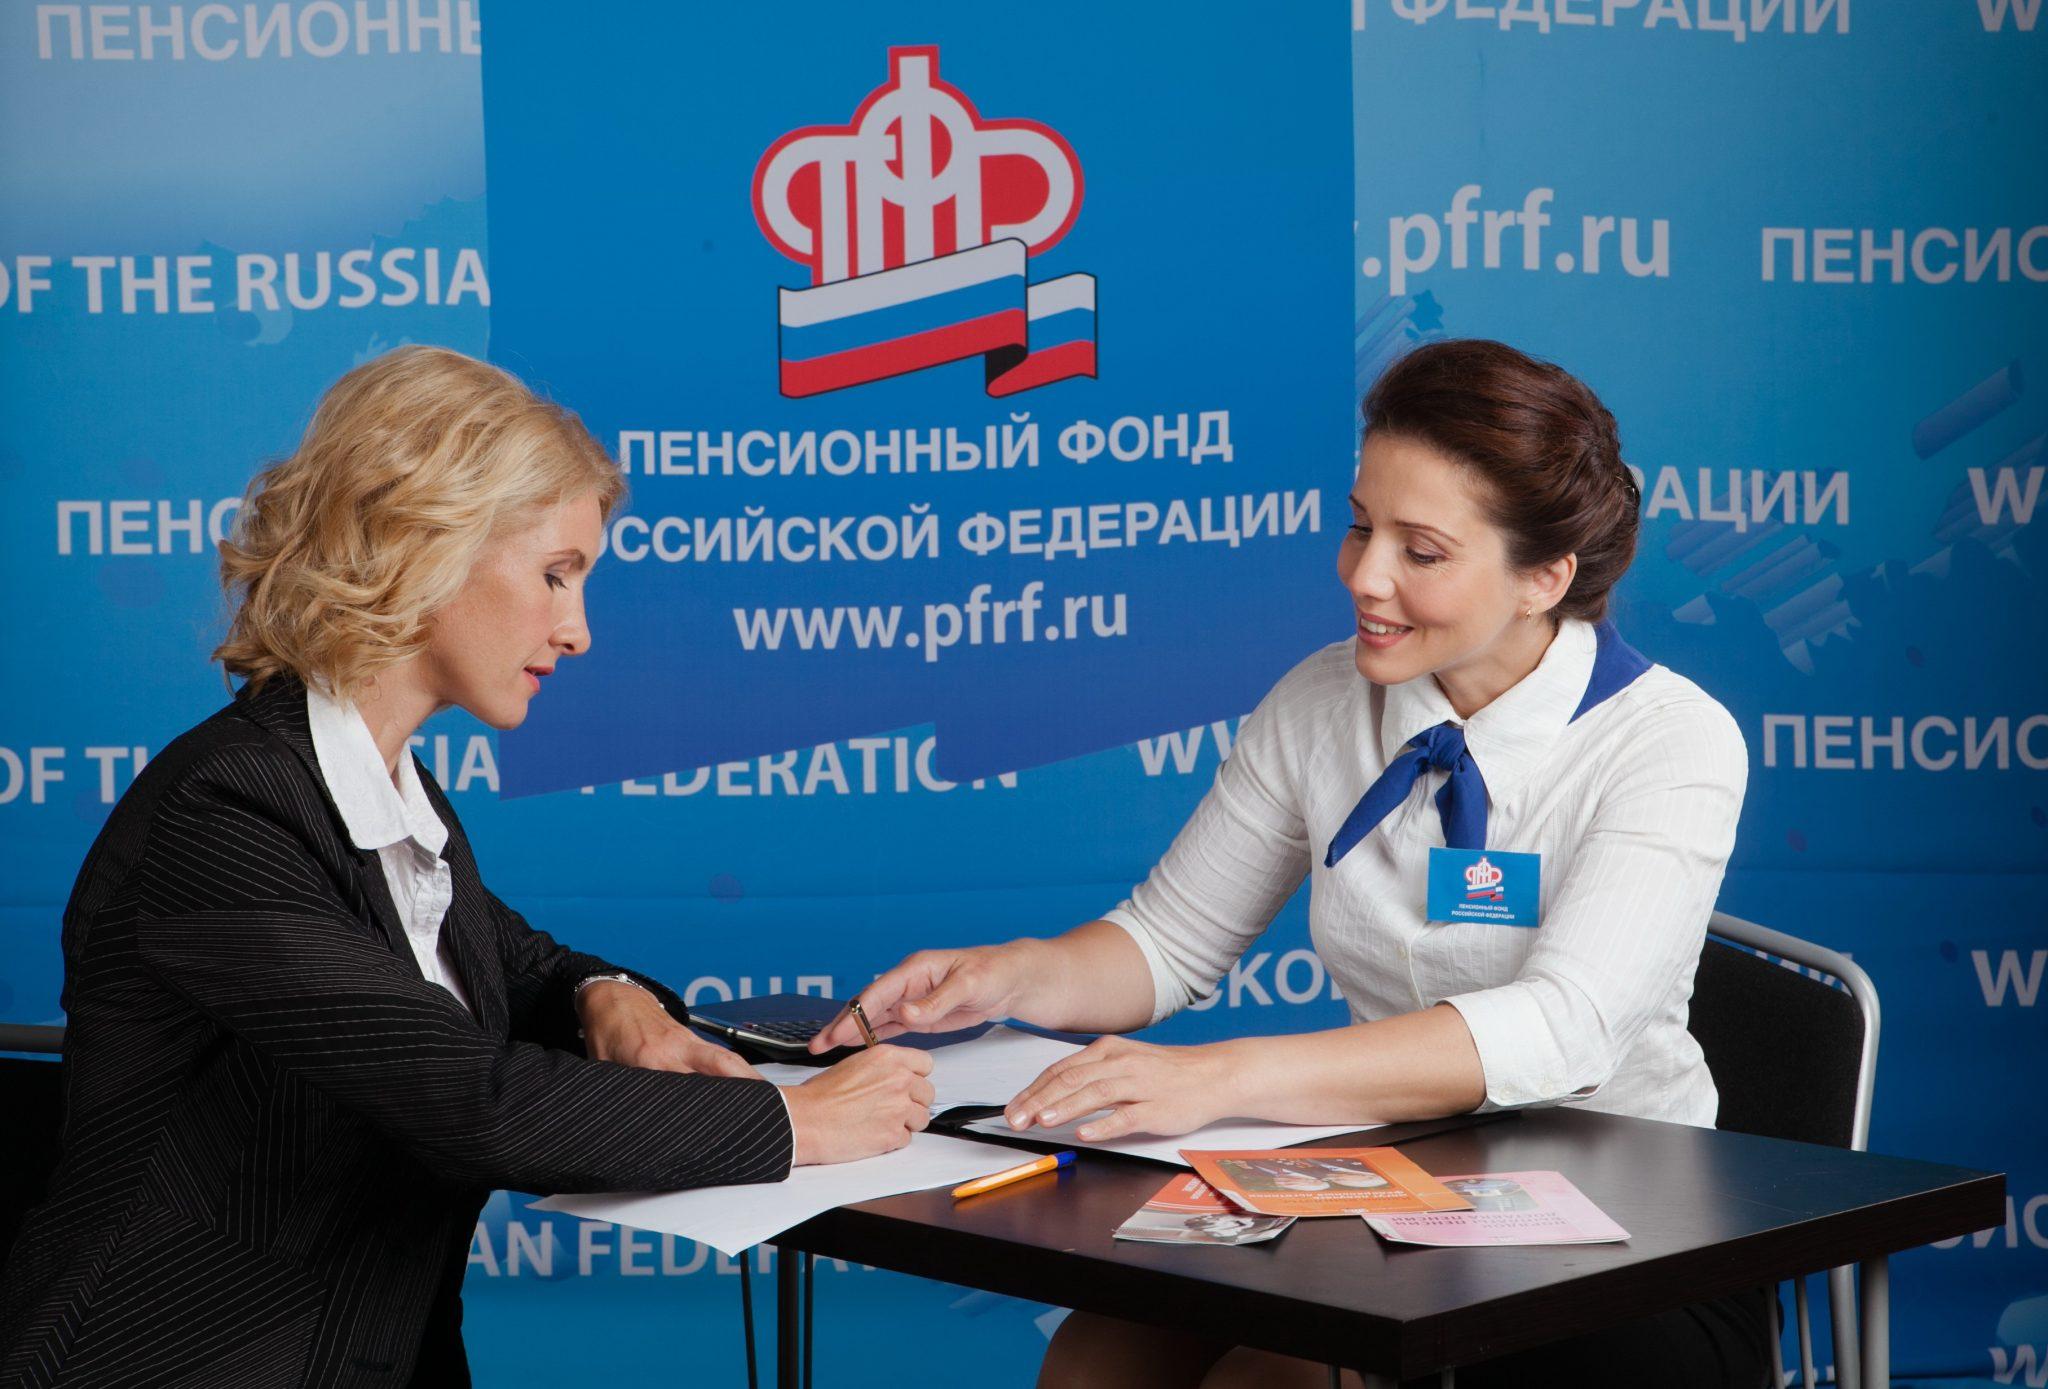 В России меняются правила выплаты пенсий: что важно знать